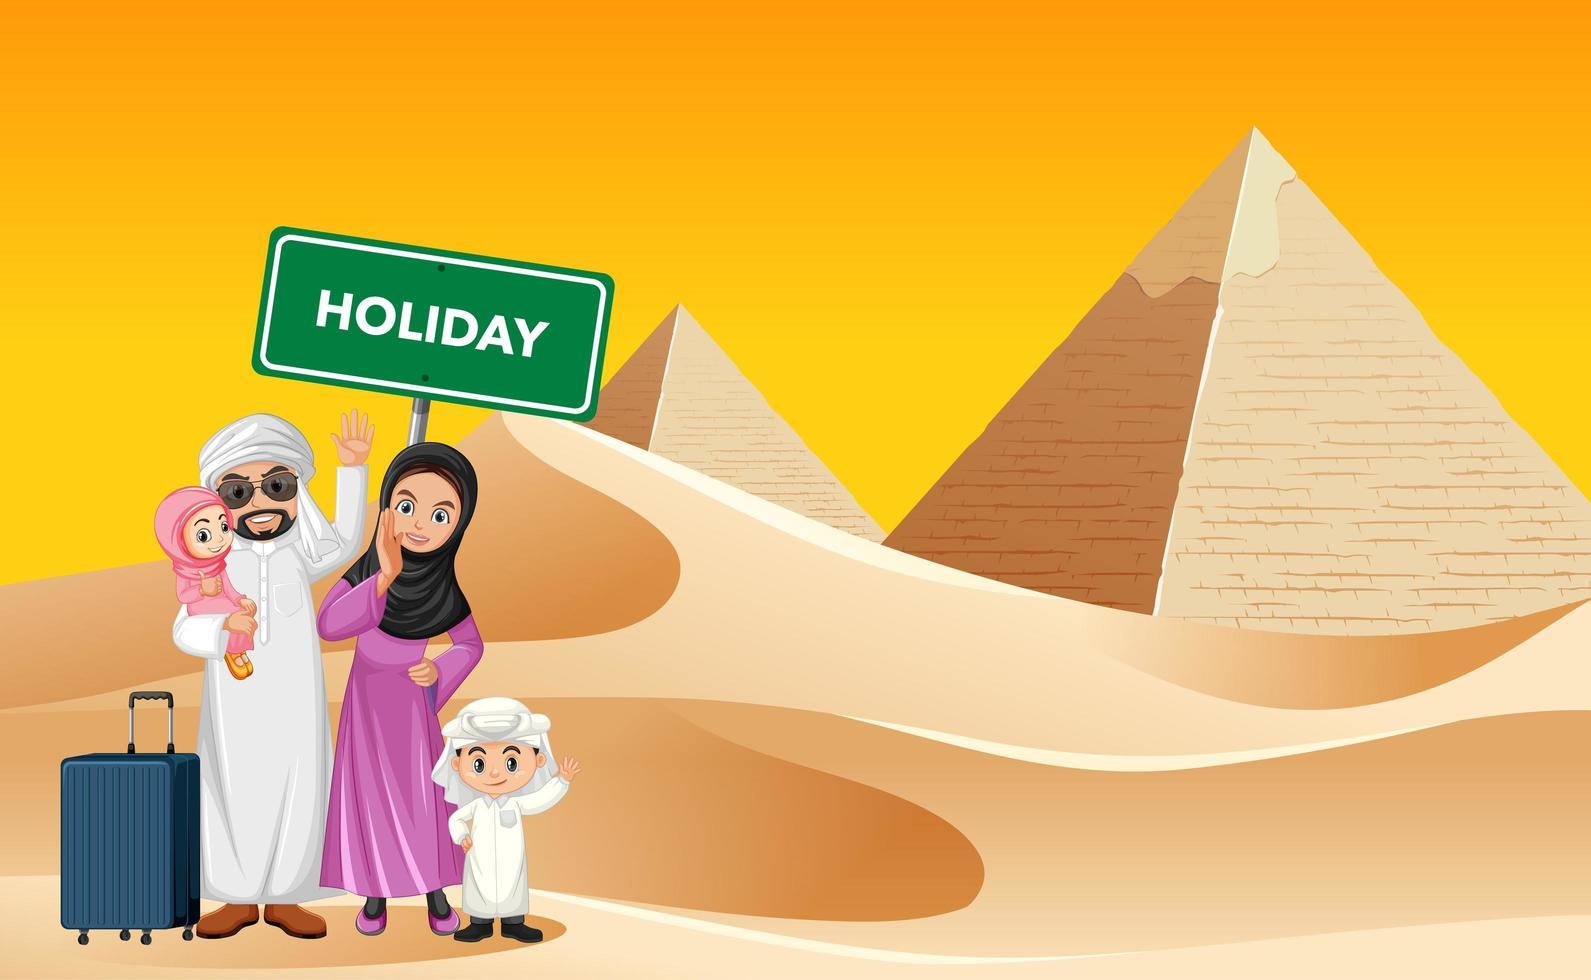 arabische Familie im Urlaub in einer Pyramideneinstellung vektor